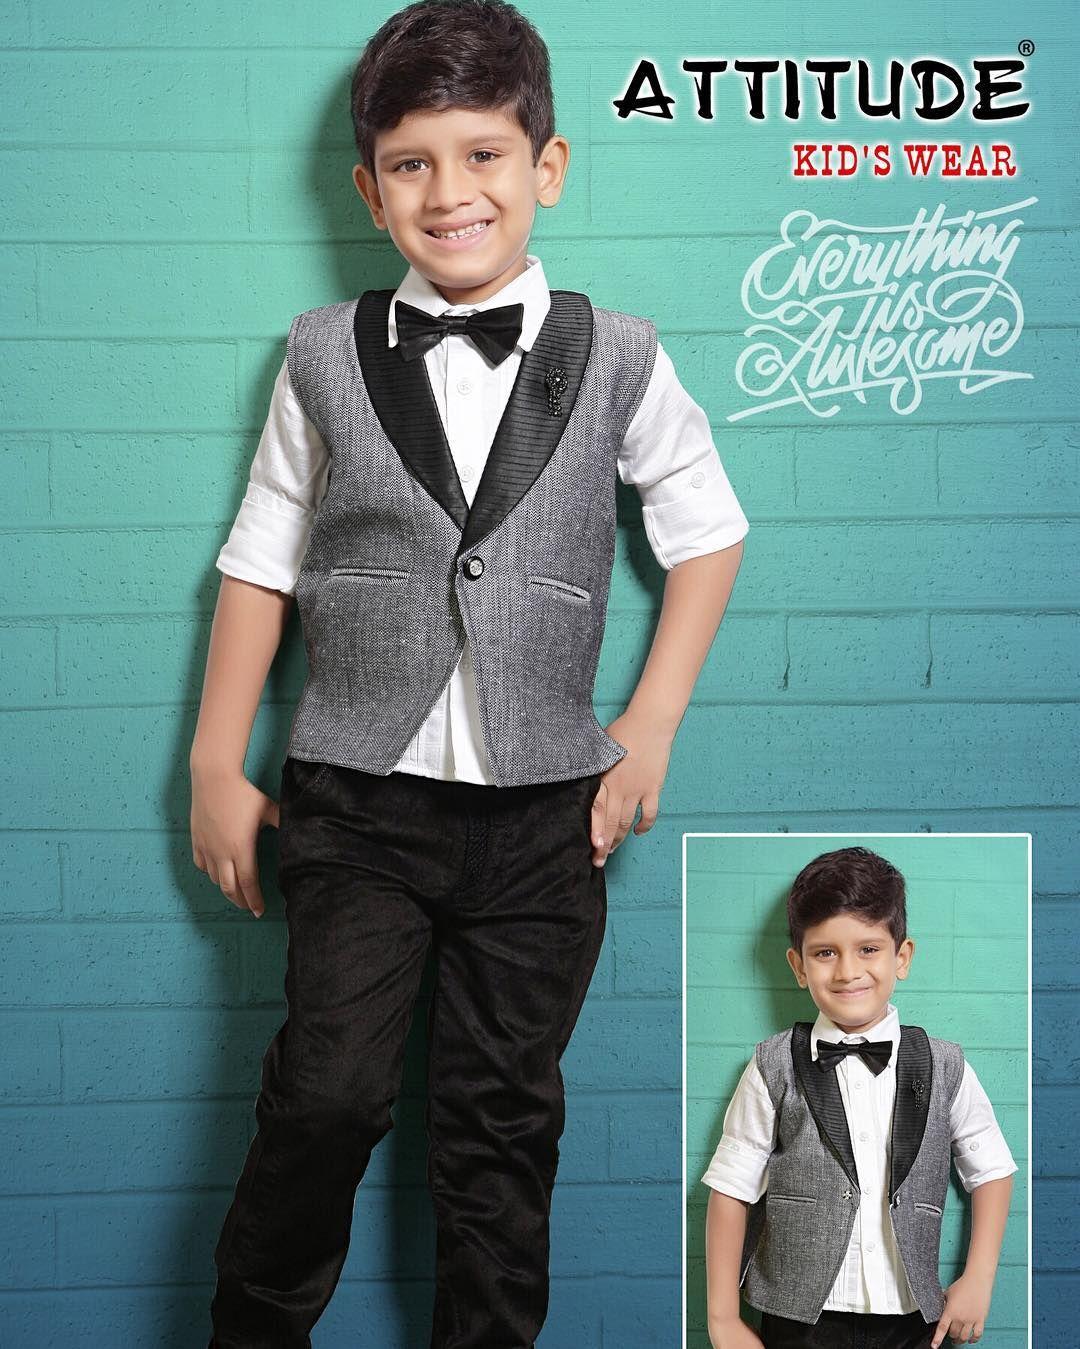 Wear everything awesome wear attitudekidswear ask for pattern